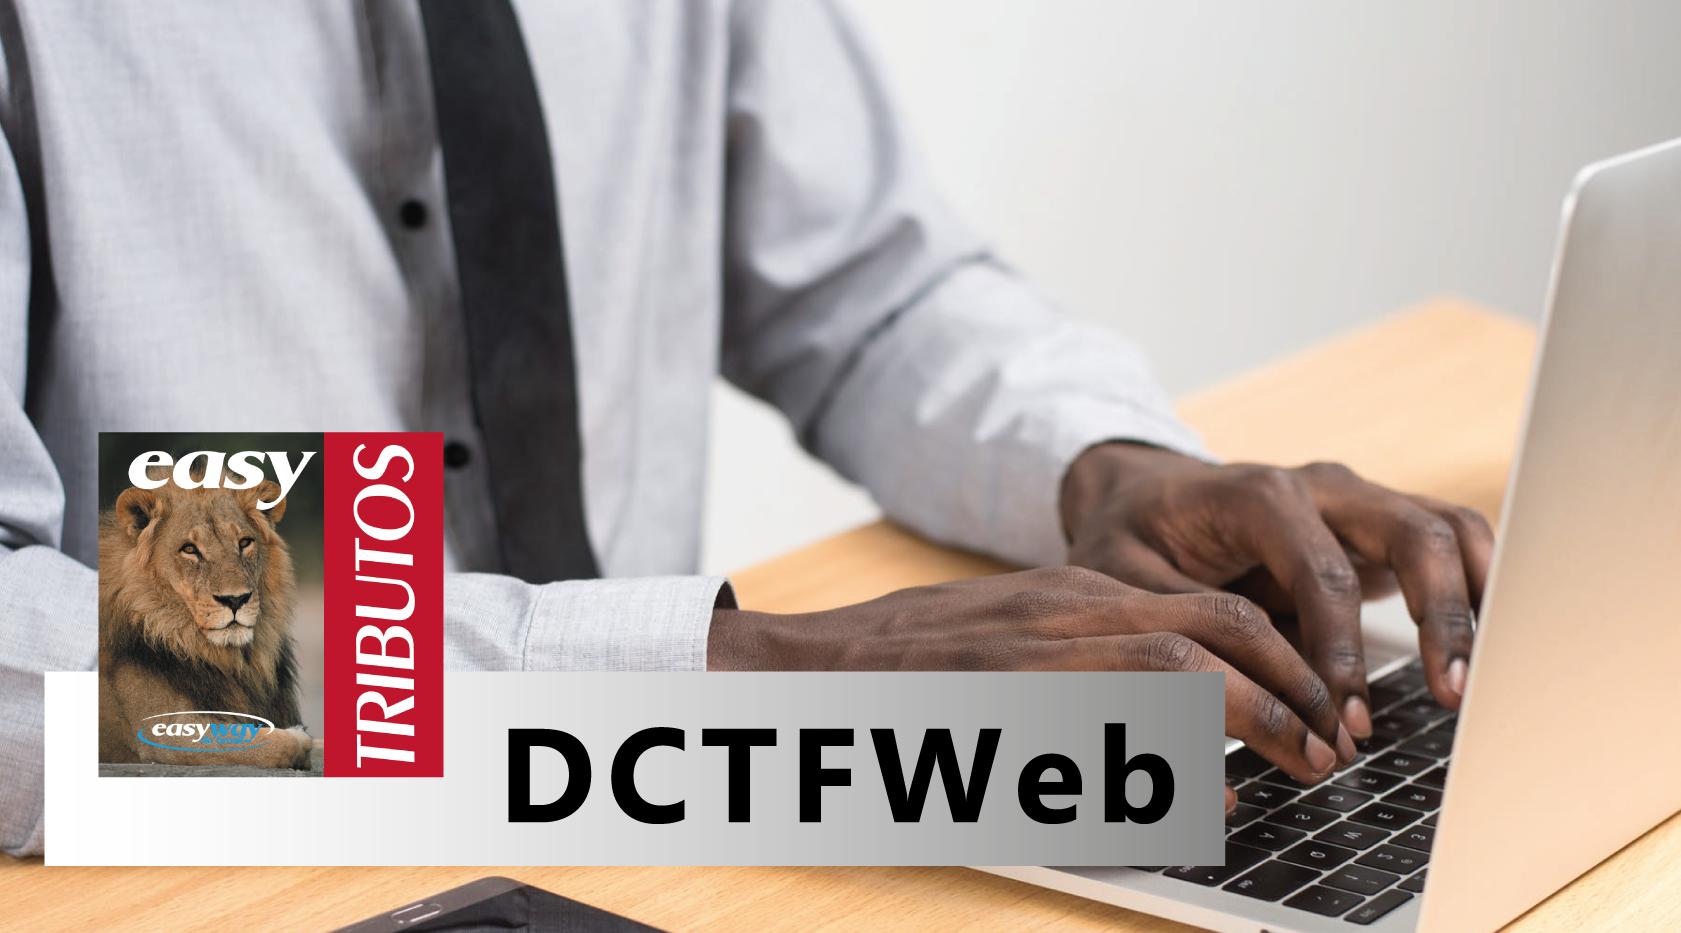 Receita Federal anuncia antecipação do prazo para aderir a DCTFWeb